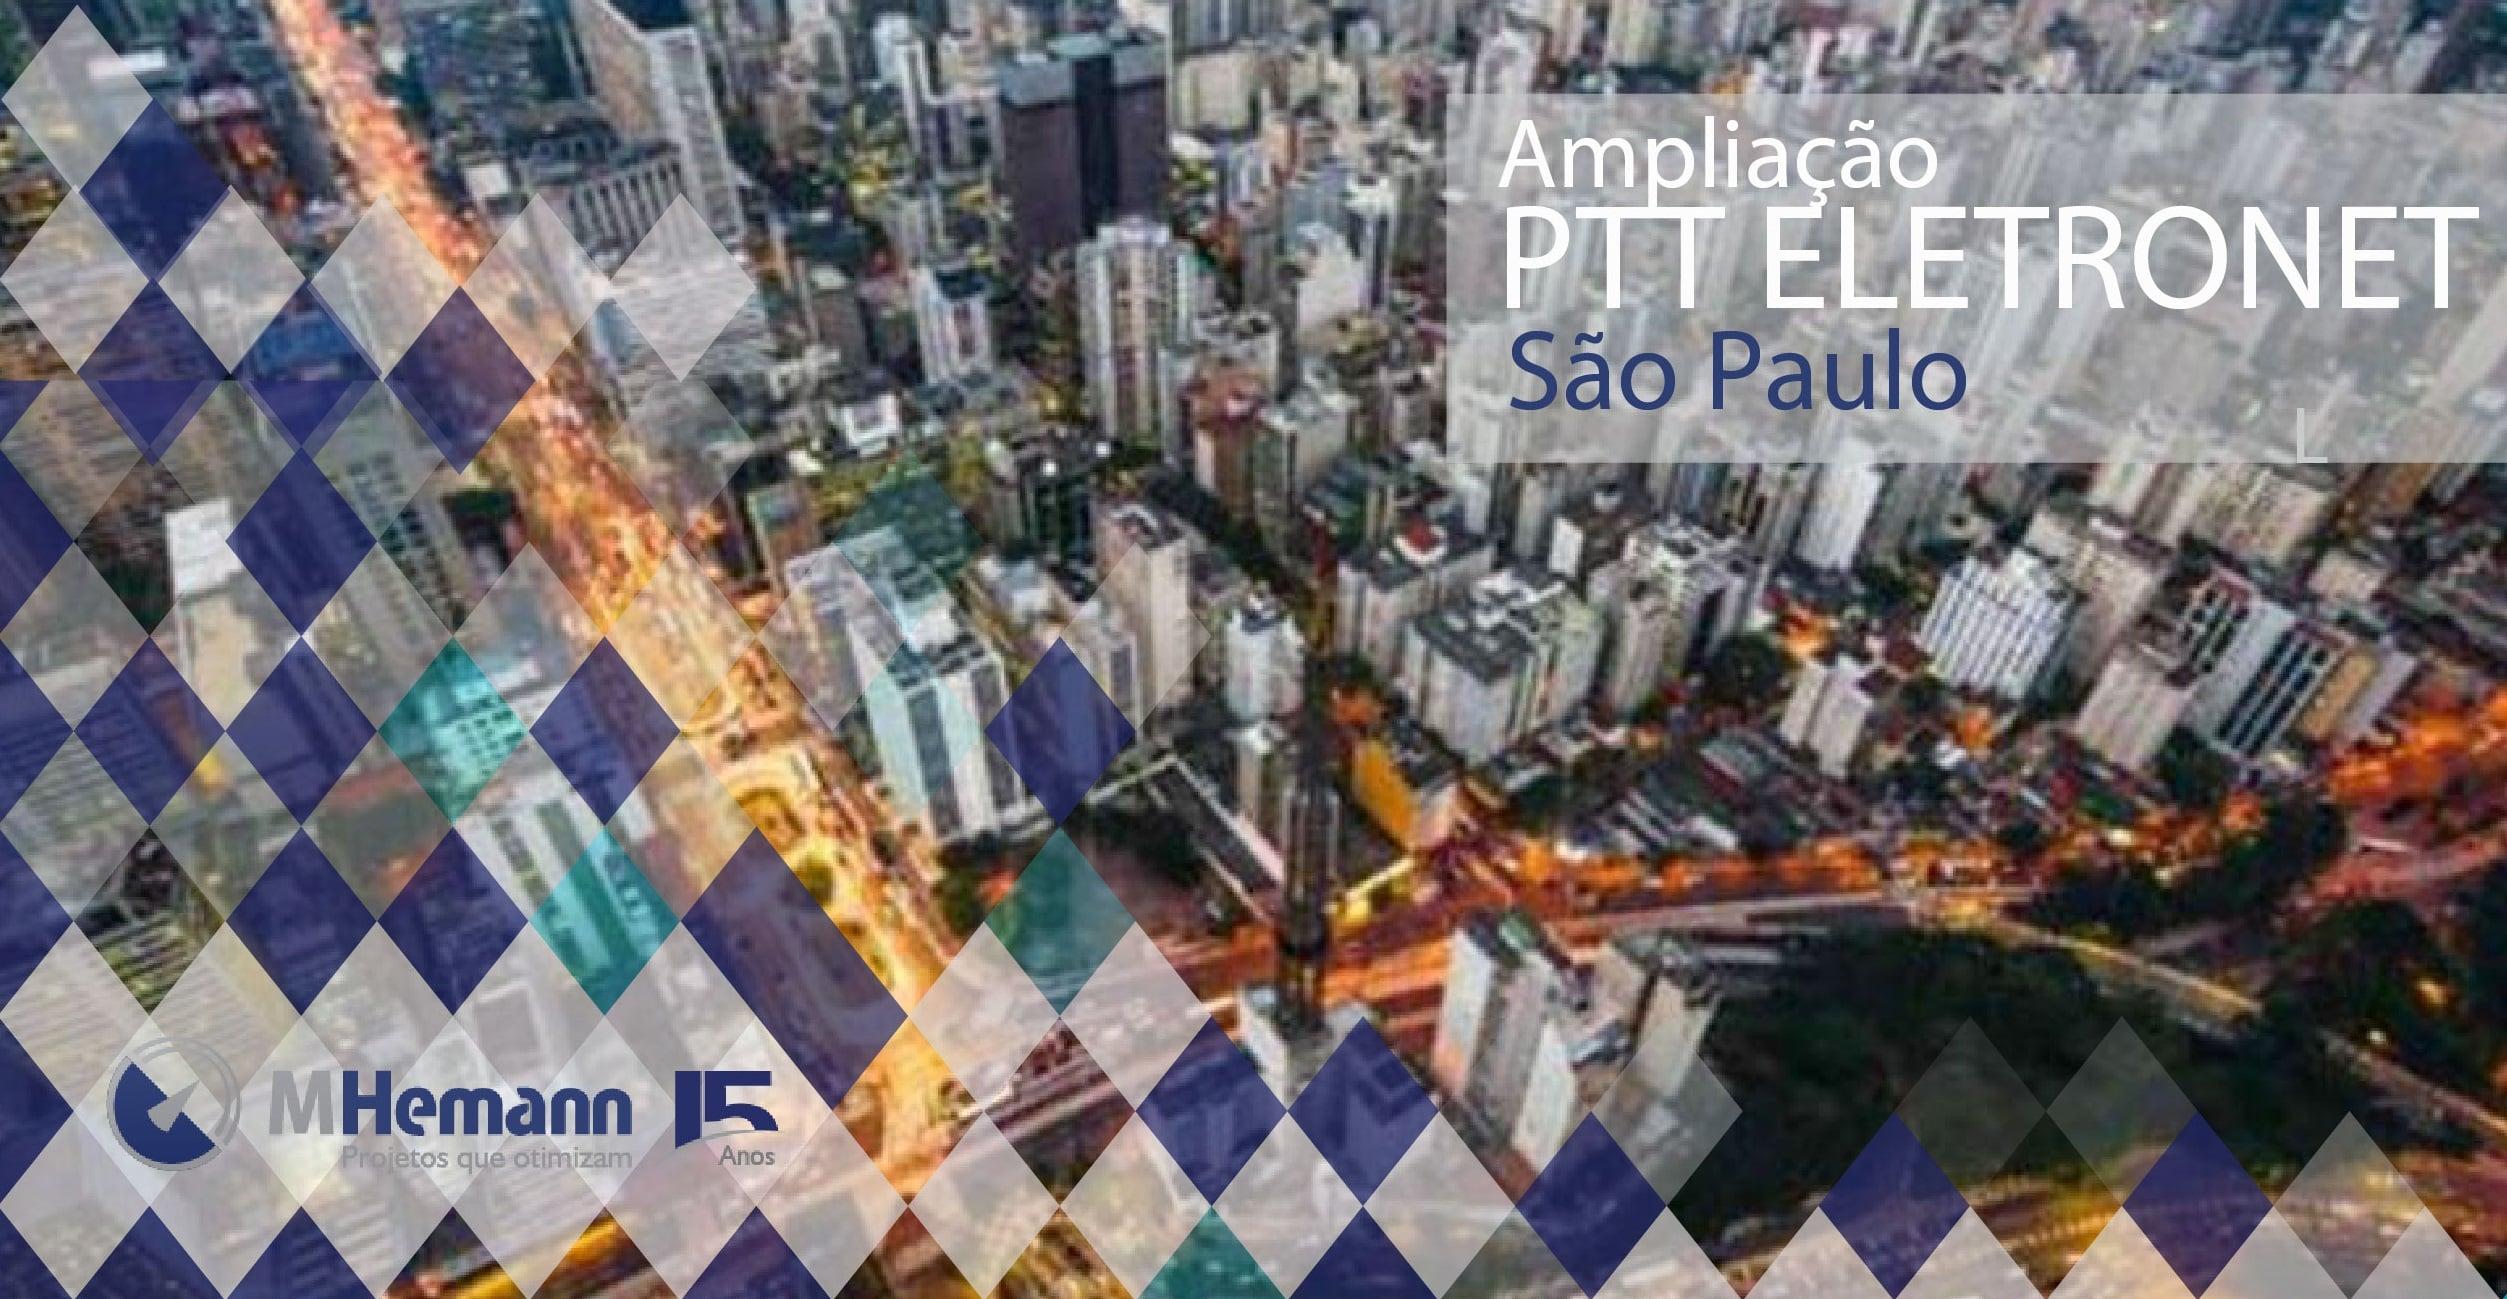 NIC.br e Eletronet ampliam a capacidade de PTT em São Paulo